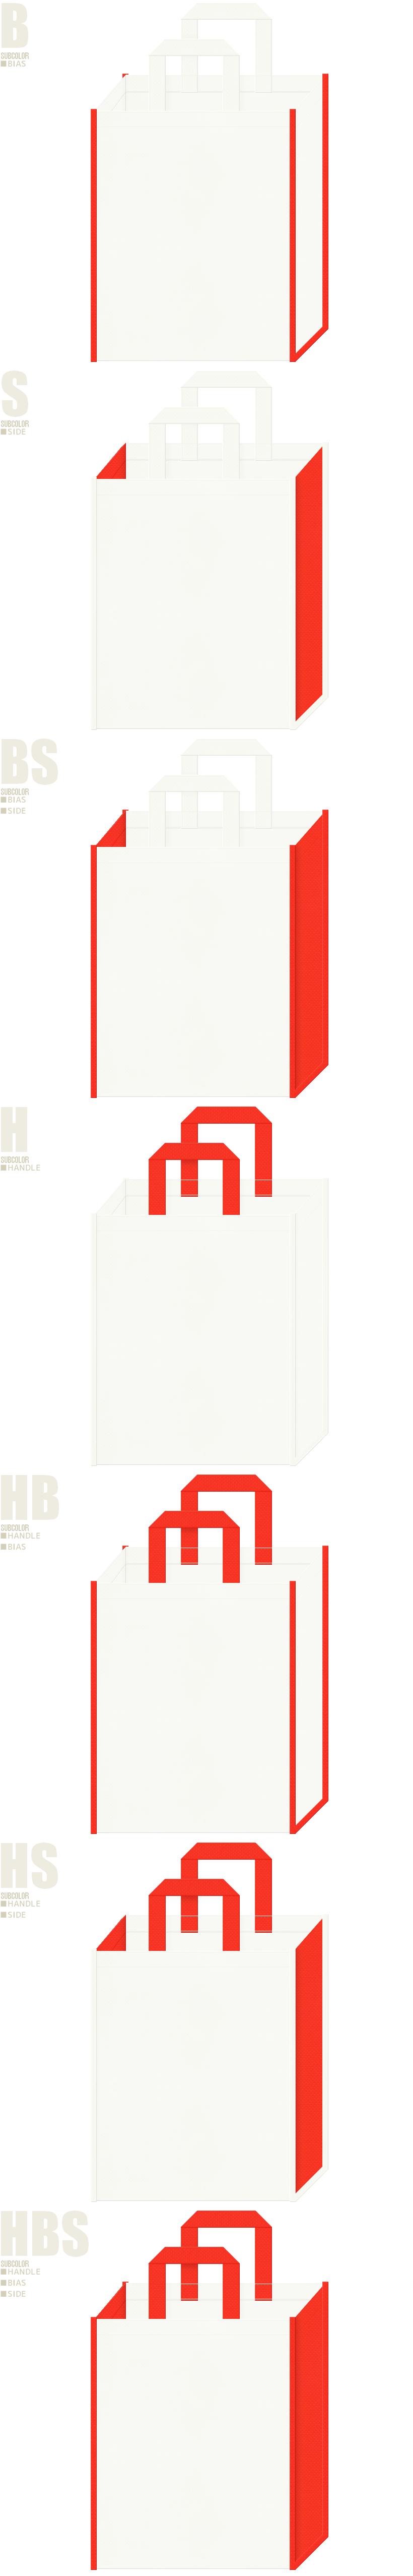 キッチン用品・サプリメントの展示会用バッグ、レシピセミナーの資料配布用バッグにお奨めです。オフホワイト色とオレンジ色の不織布バッグ配色7パターンのデザイン。